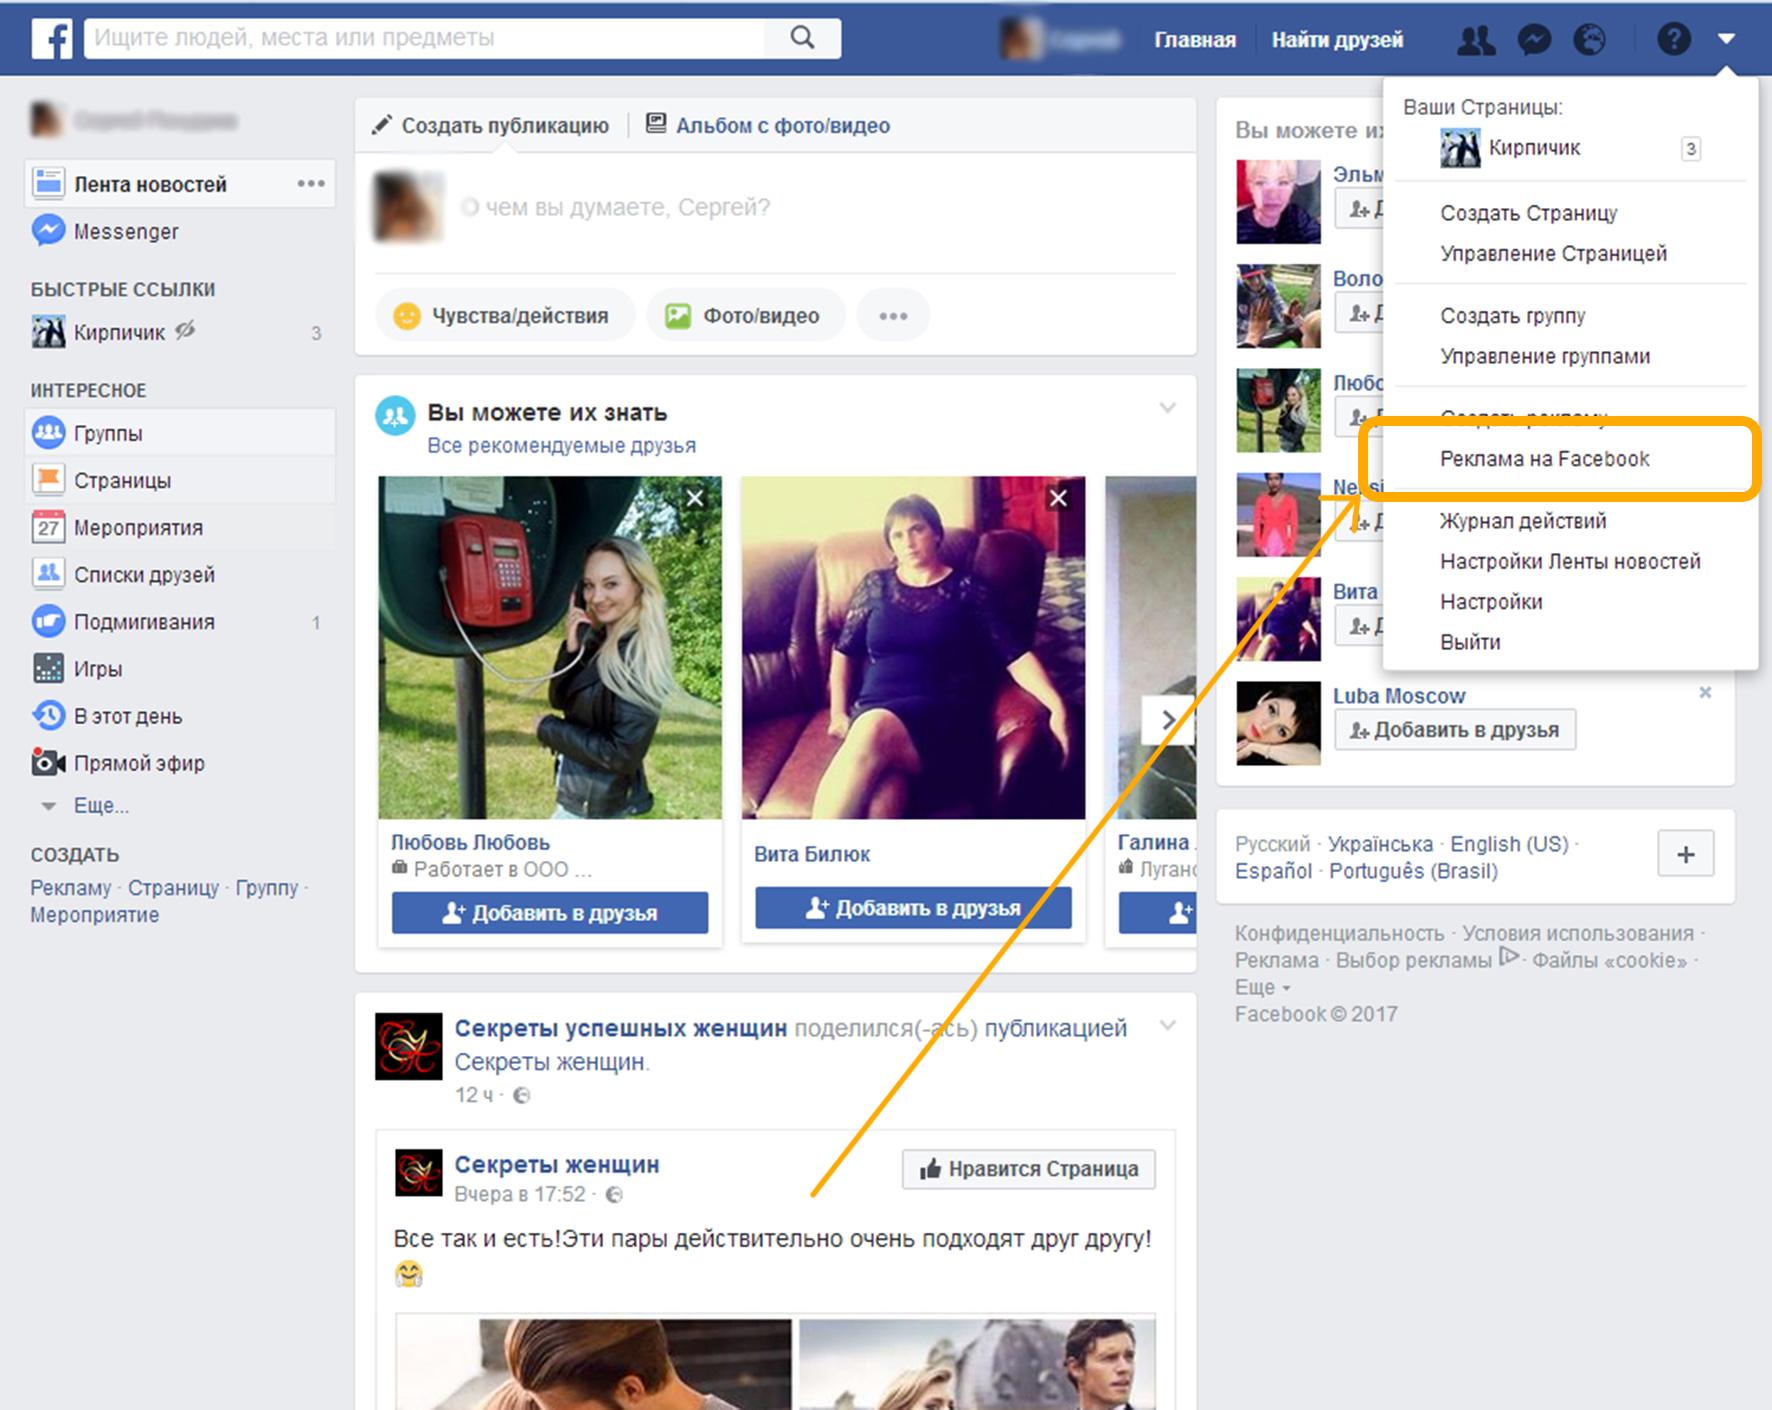 Визуальное изображение кнопки доступа к рекламному менеджеру, из окна личного профиля, в случае первичного осуществления входа.